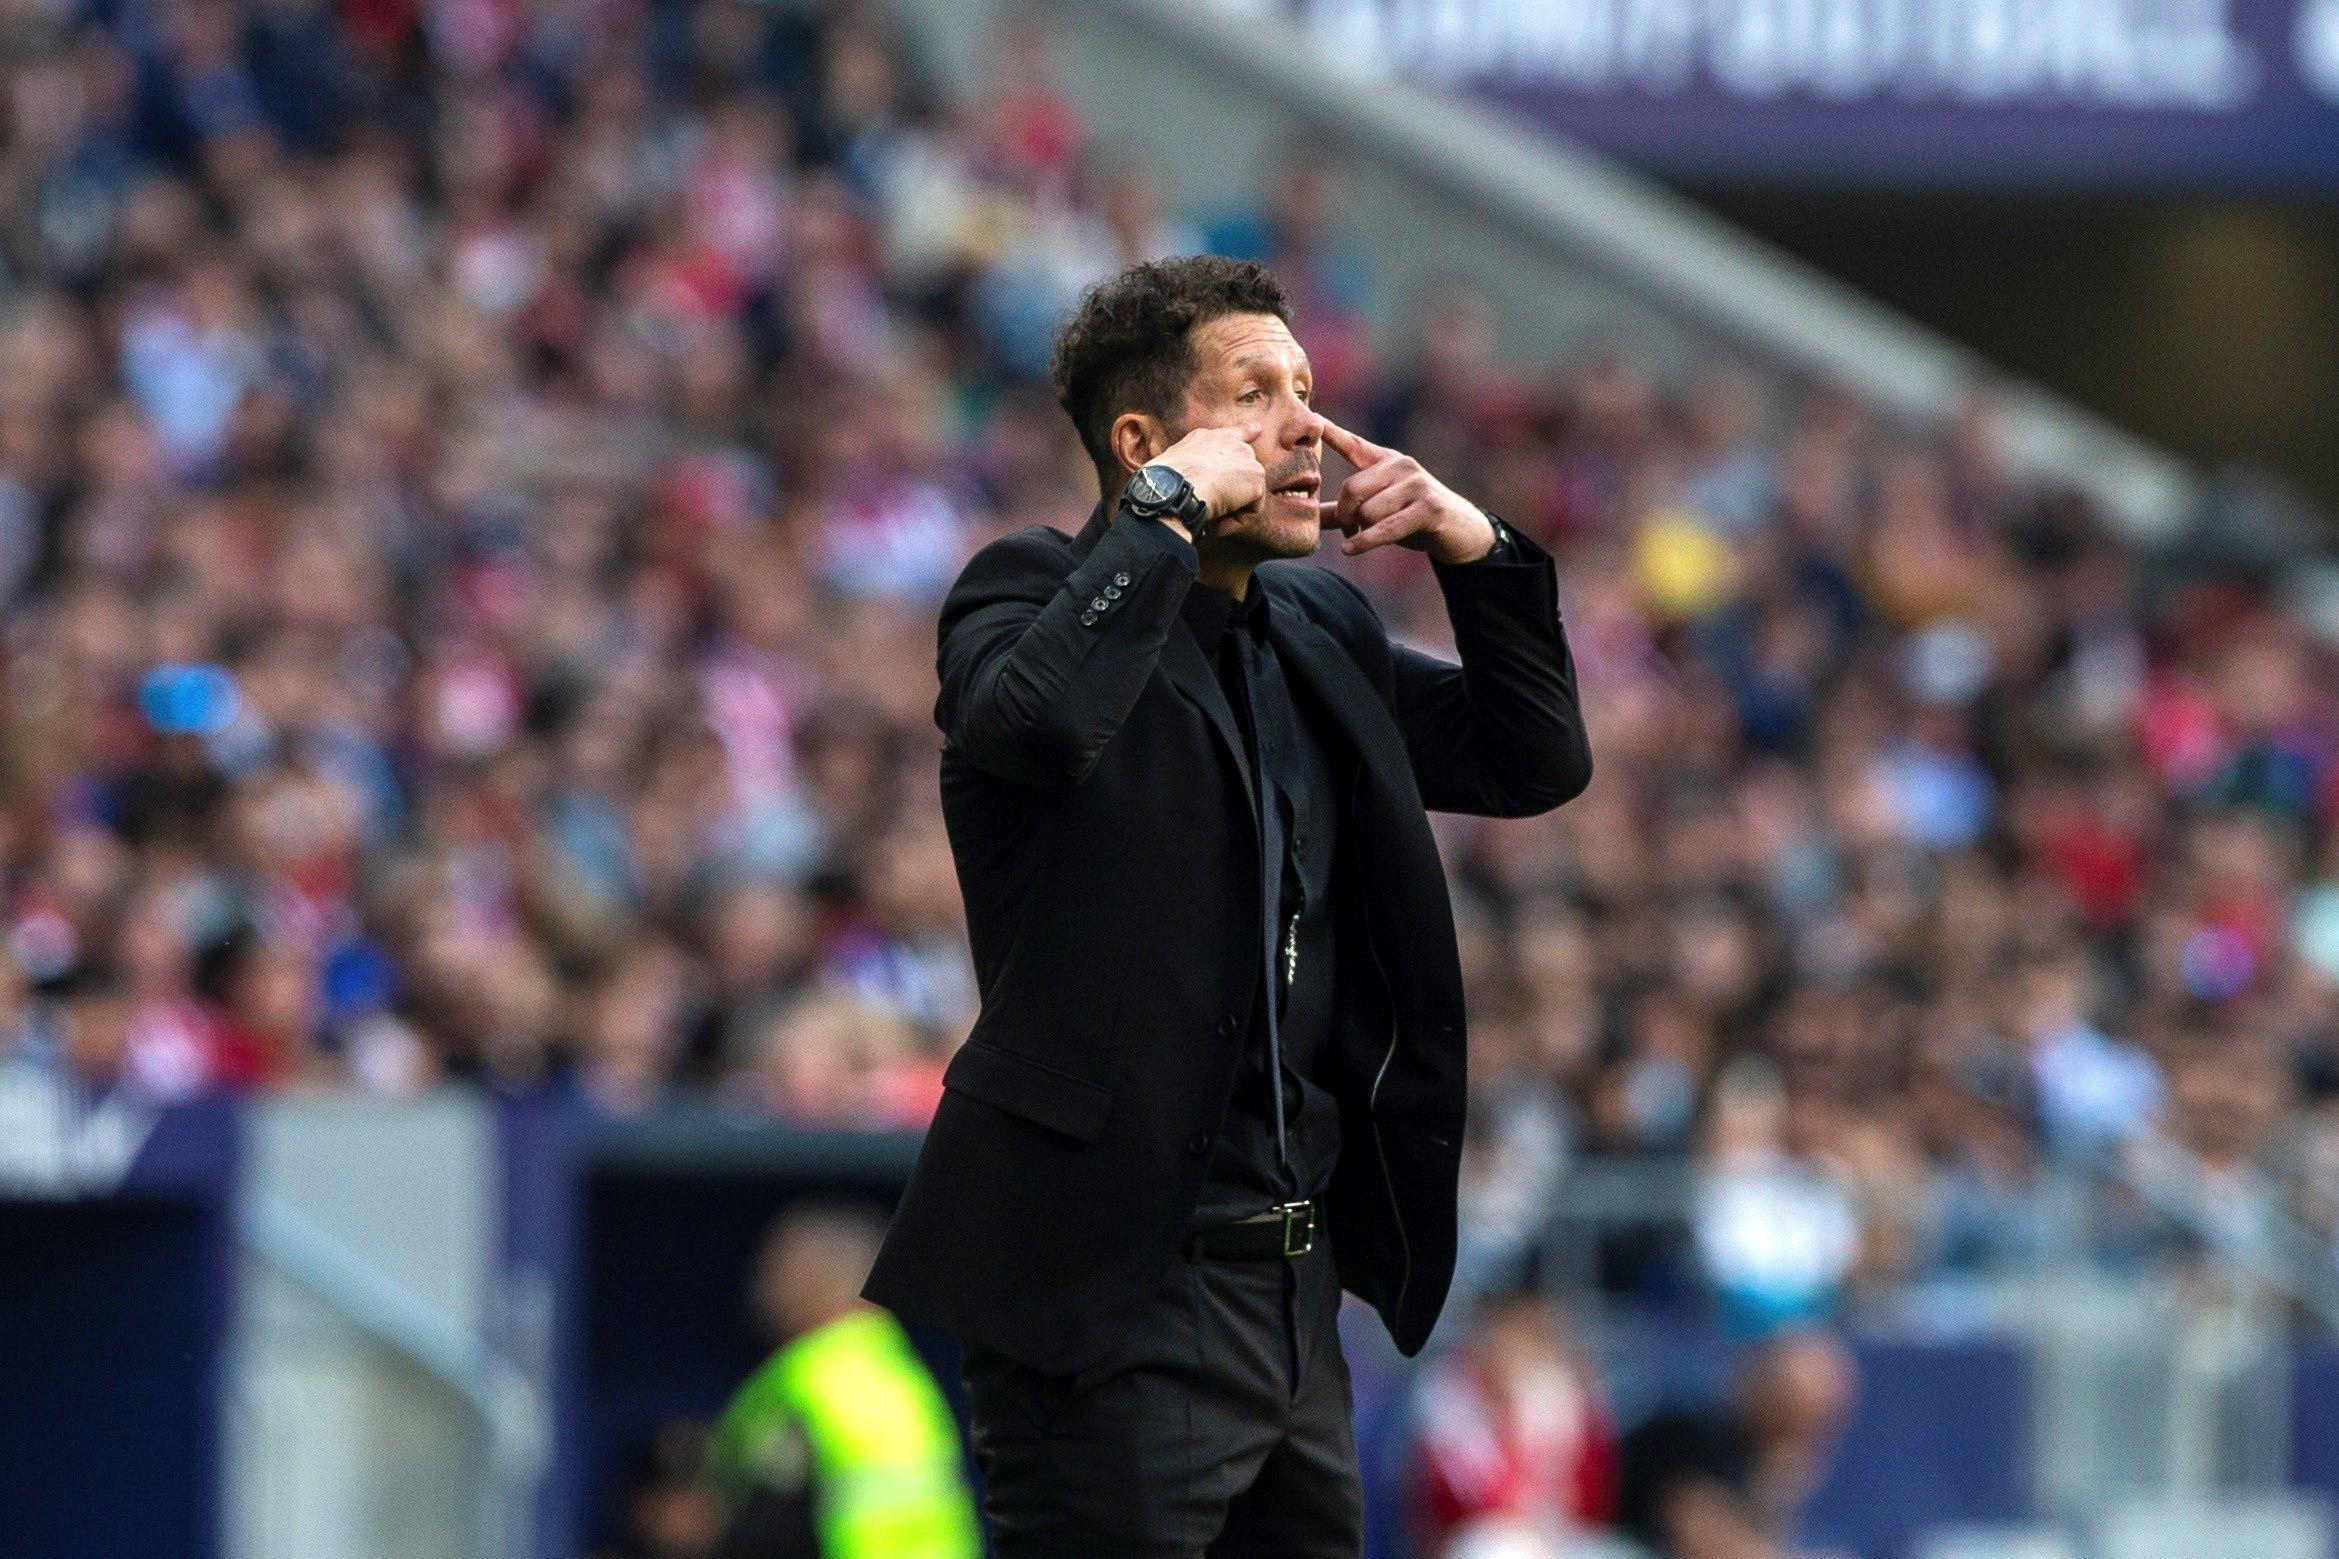 El entrenador argentino del Atlético de Madrid Diego Simeone da indicaciones a sus jugadores. (Foto Prensa Libre: EFE)